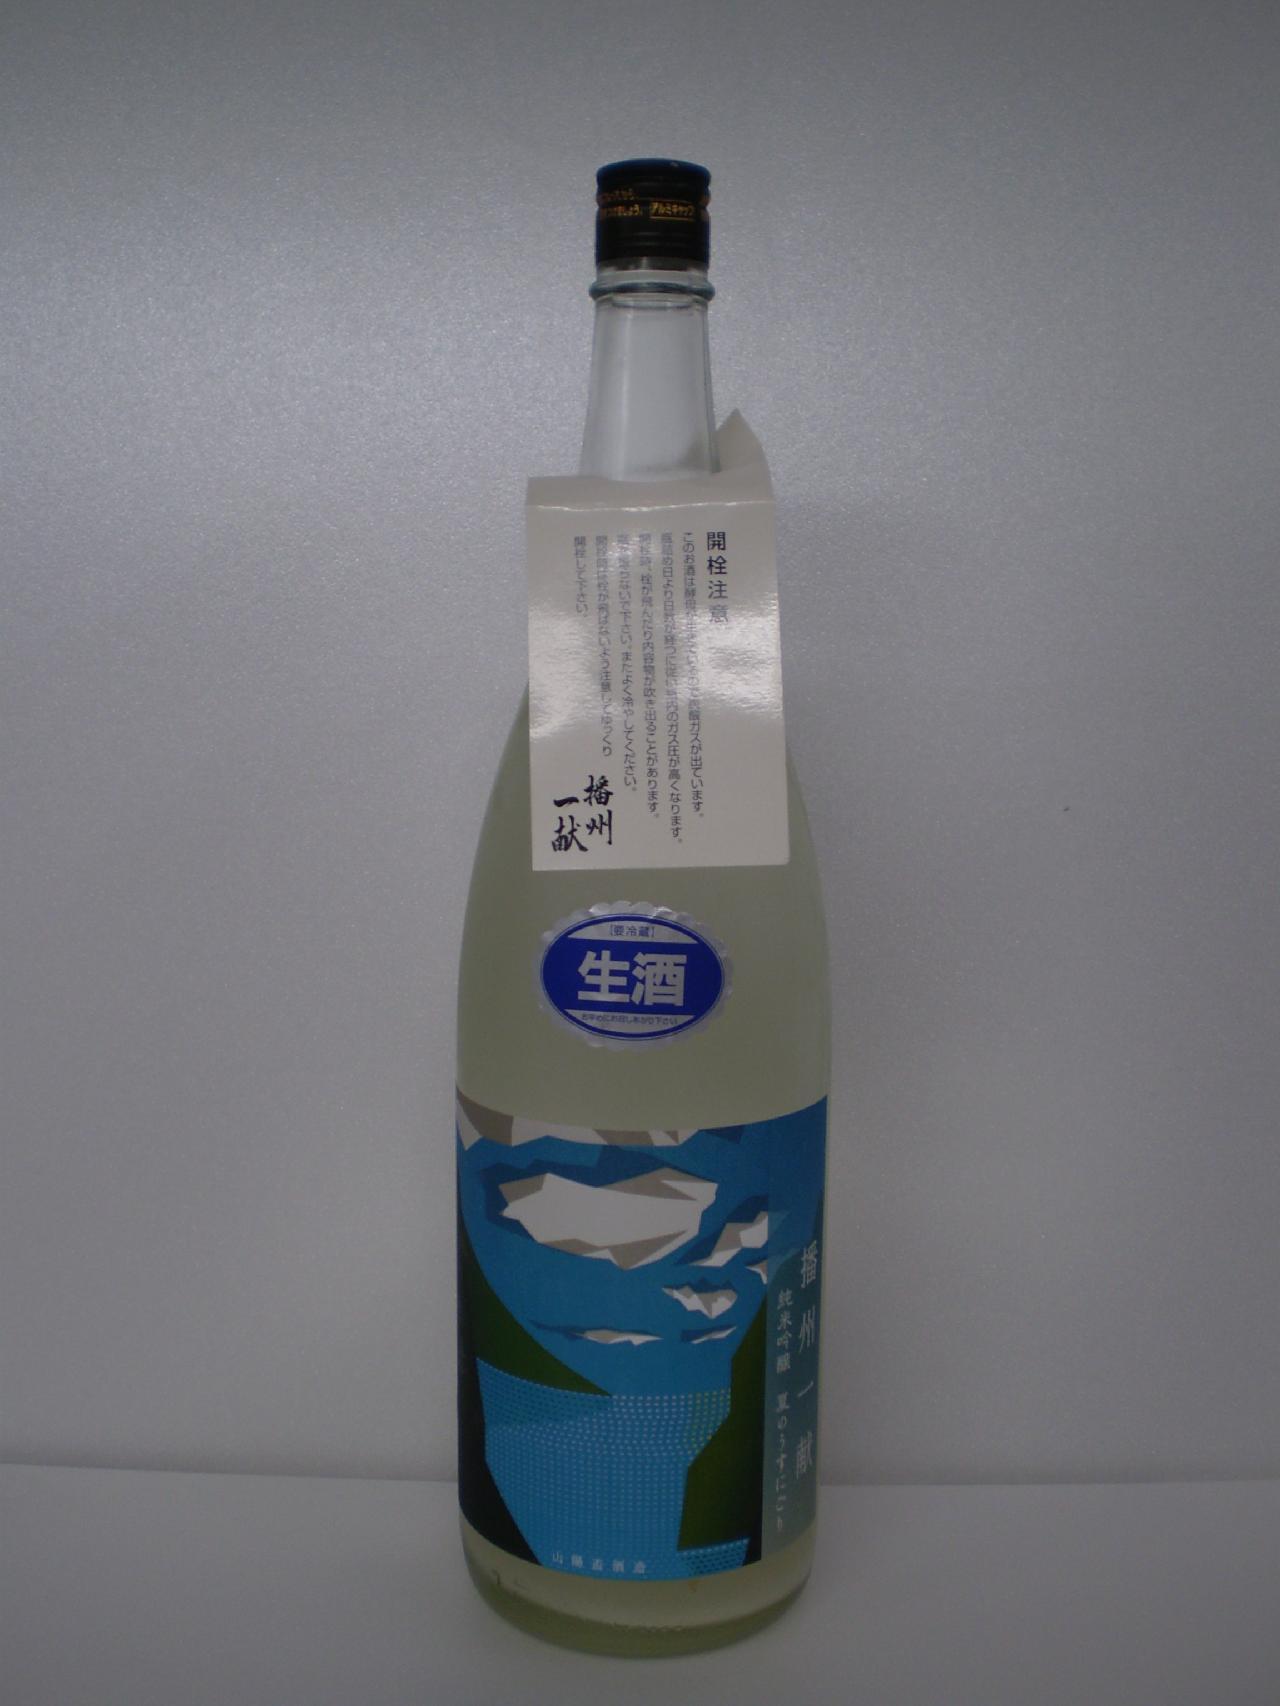 播州一献 純米吟醸 夏のうすにごり生 1800ml 山陽盃酒造